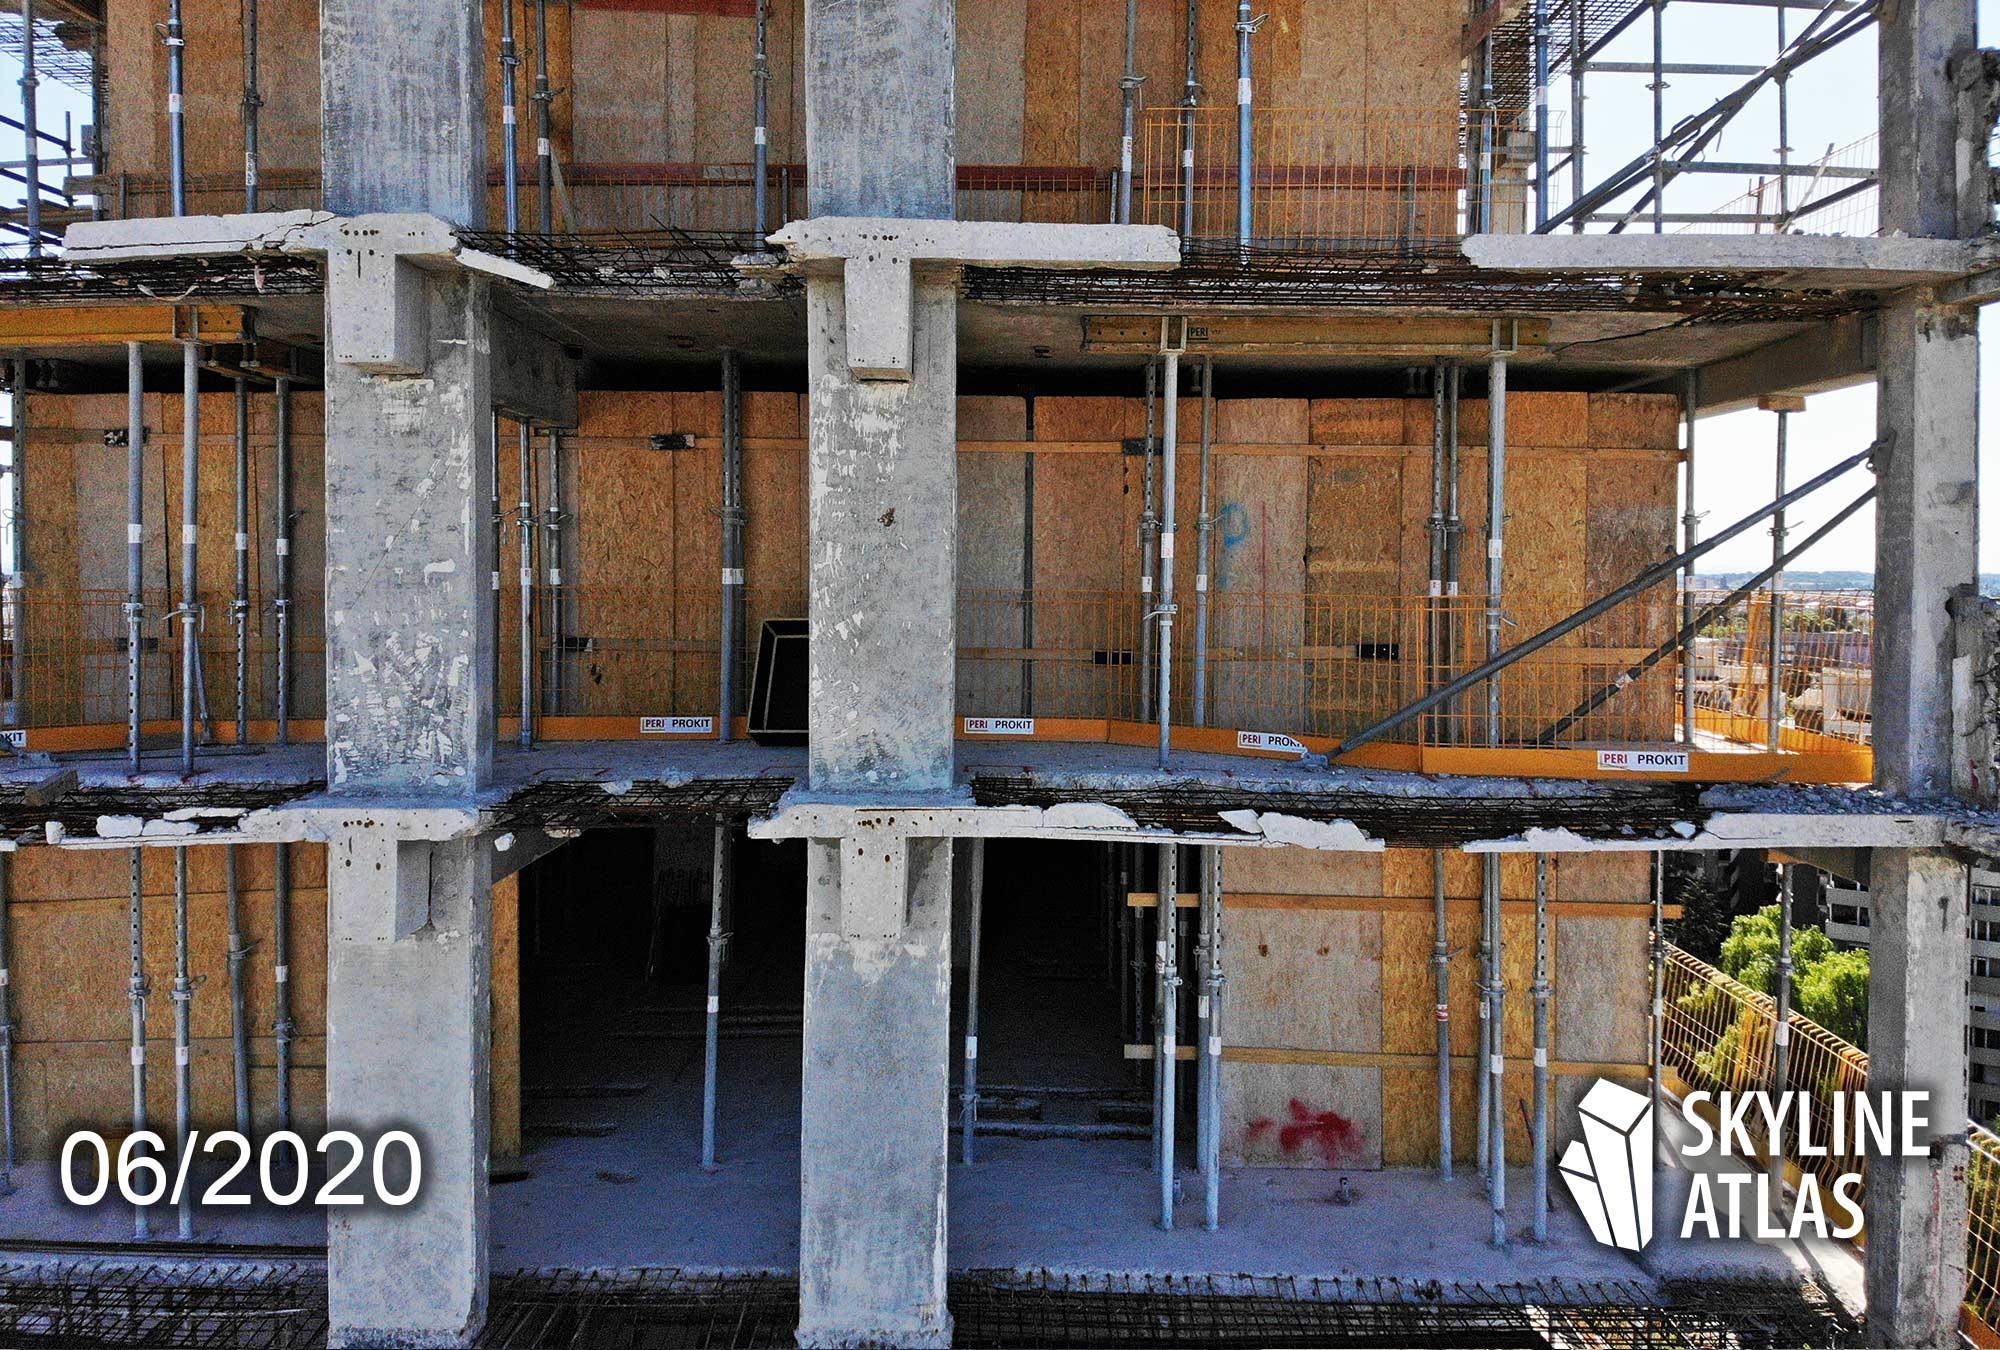 Höchstleistung für die Ingenieure und Bauarbeiten - Arbeiten am Tragwerk - Luxuswohnungen in Offenbach - Zum Einsatz kommt das PERI Prokit - New Frankfurt Towers - Baustelle Offenbach am Main - Kleinwohnungen zur Miete